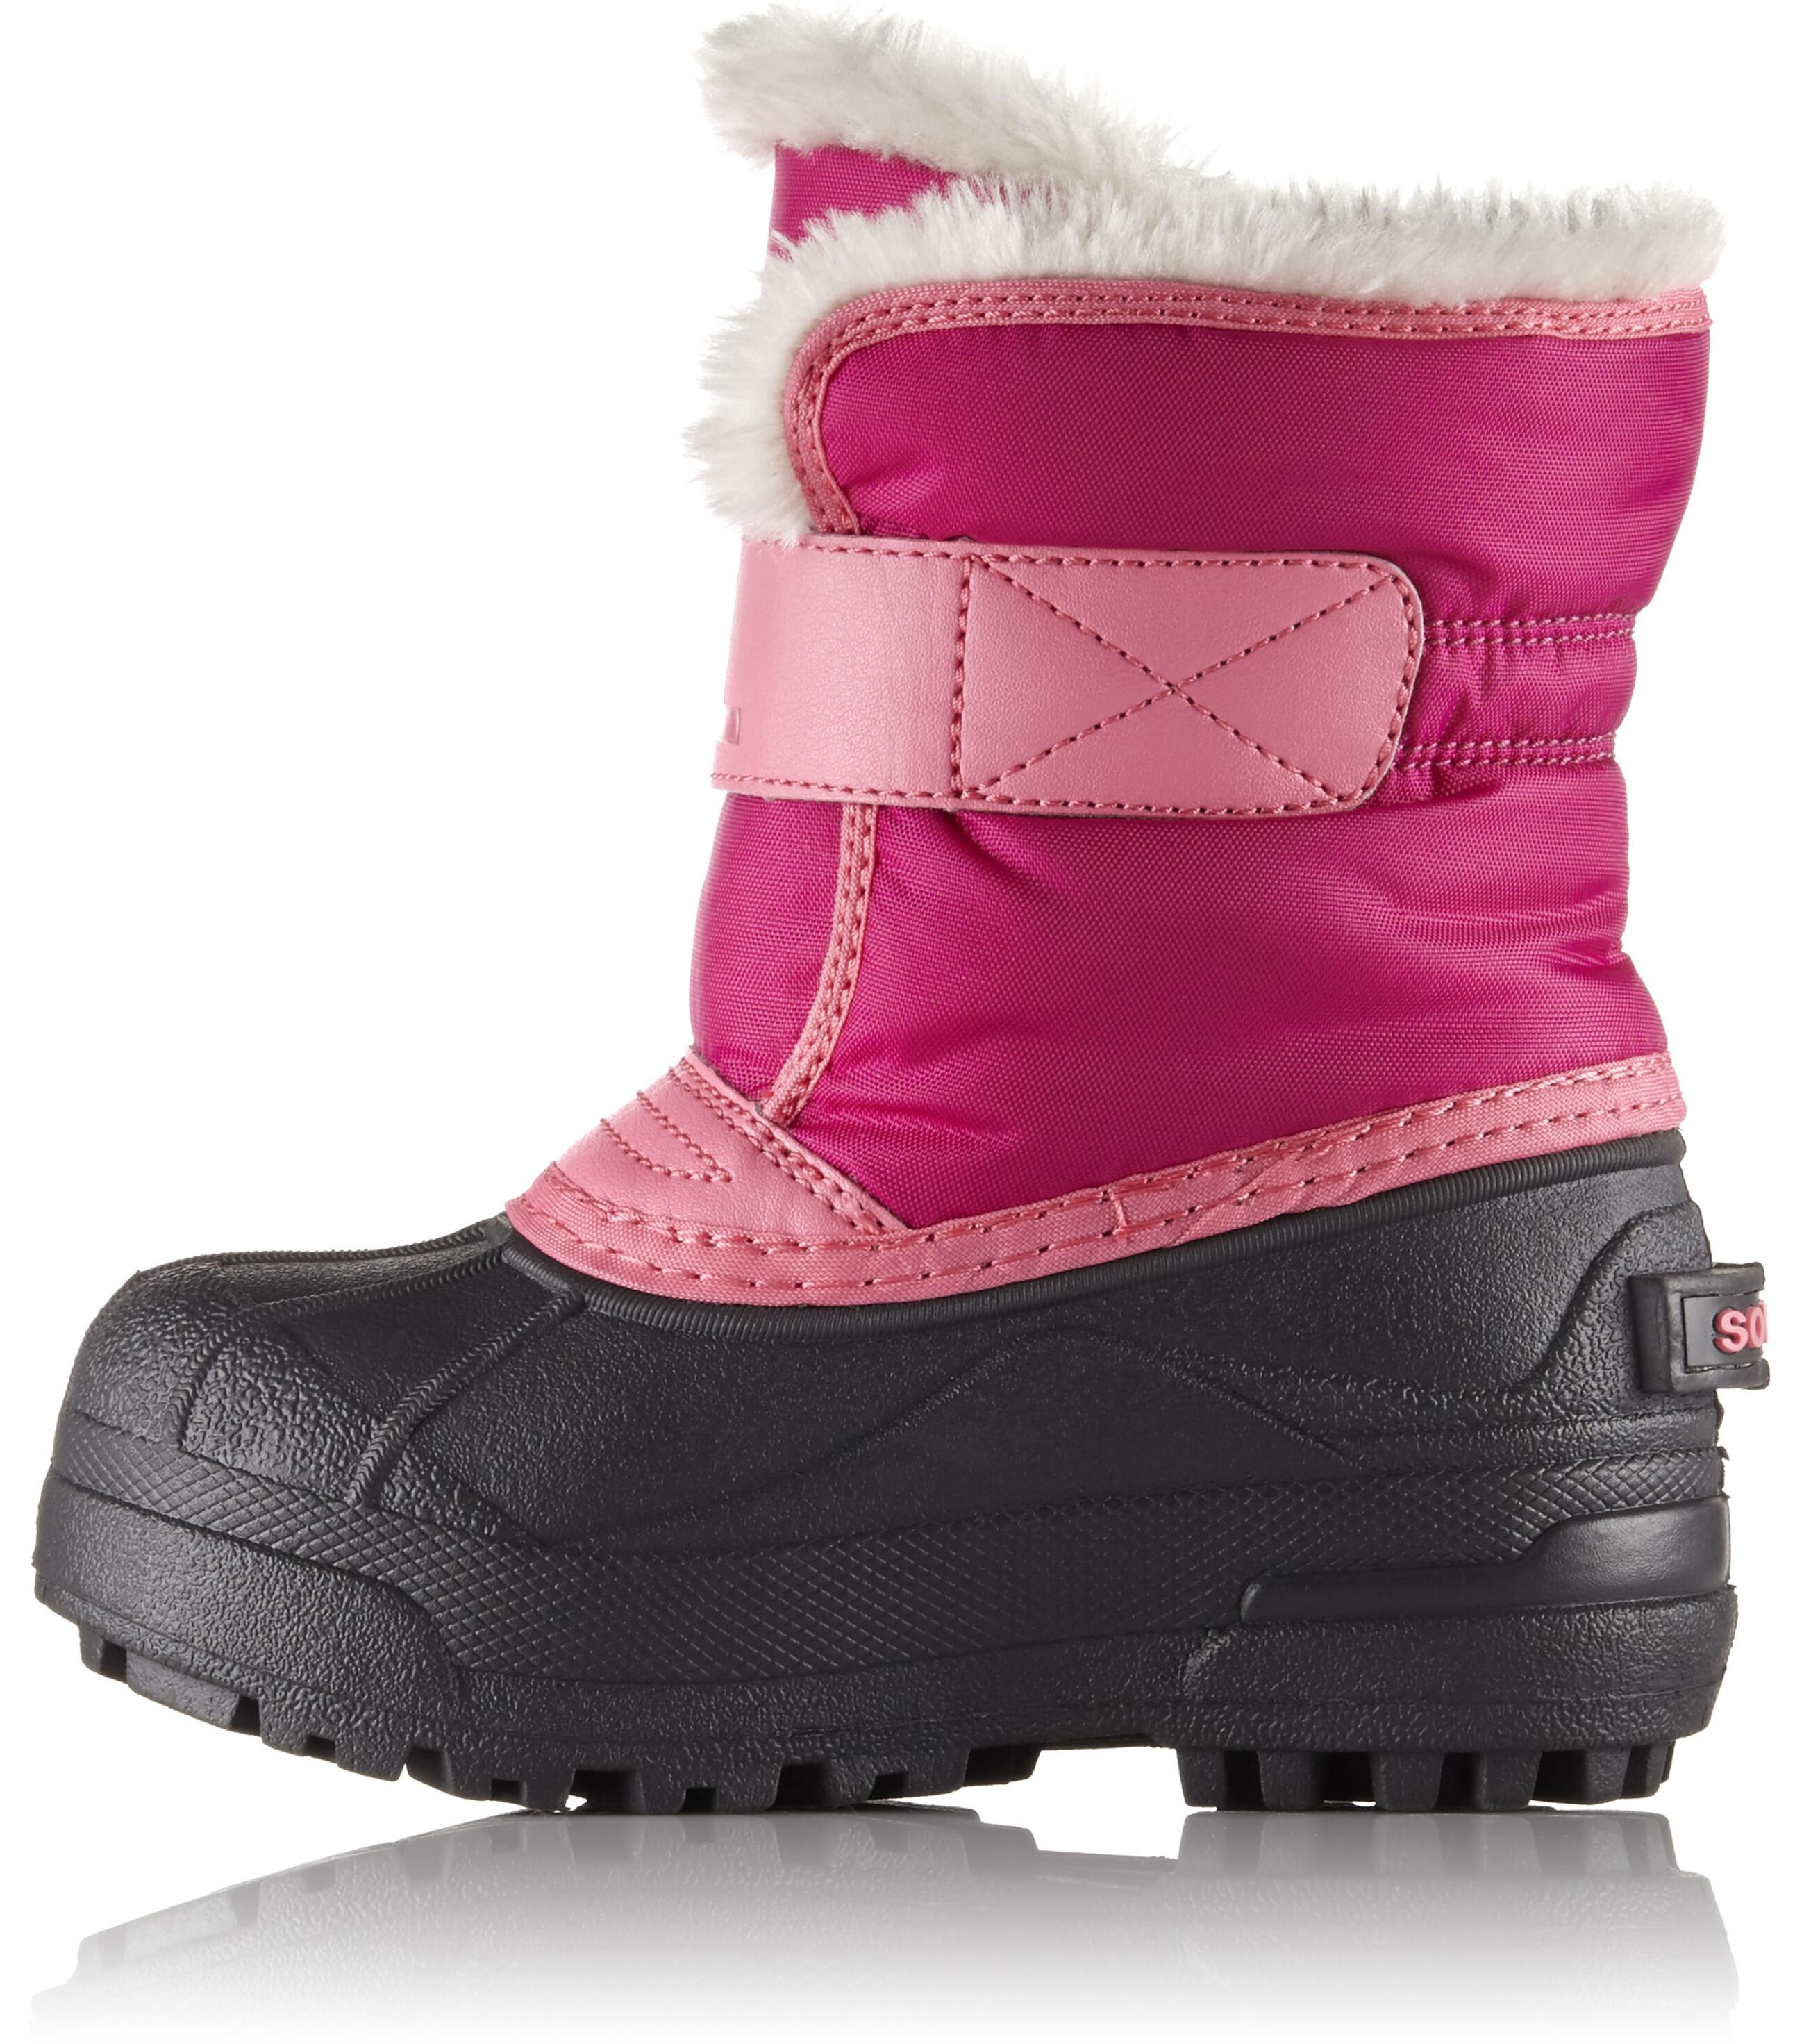 Sorel Snow Commander - Bottes Enfant - rose noir sur CAMPZ ! 74bd796d0b9e